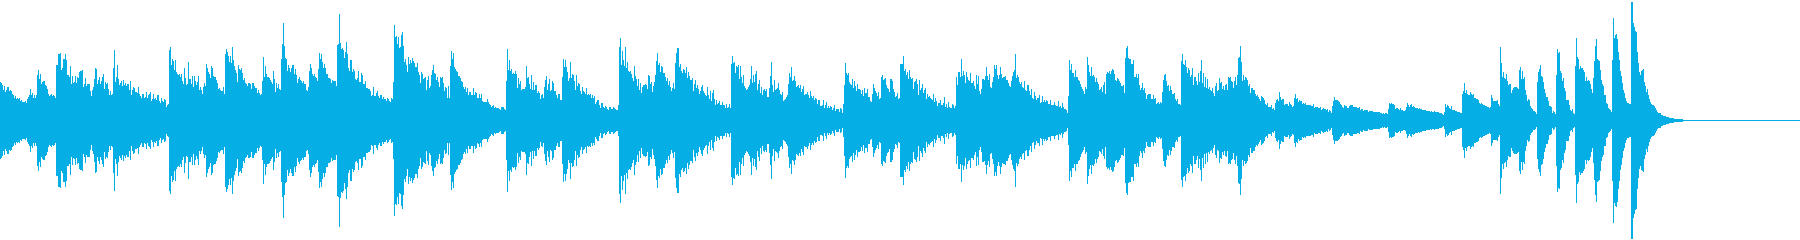 8分の6拍子異国情緒溢れるピアノジングルの再生済みの波形